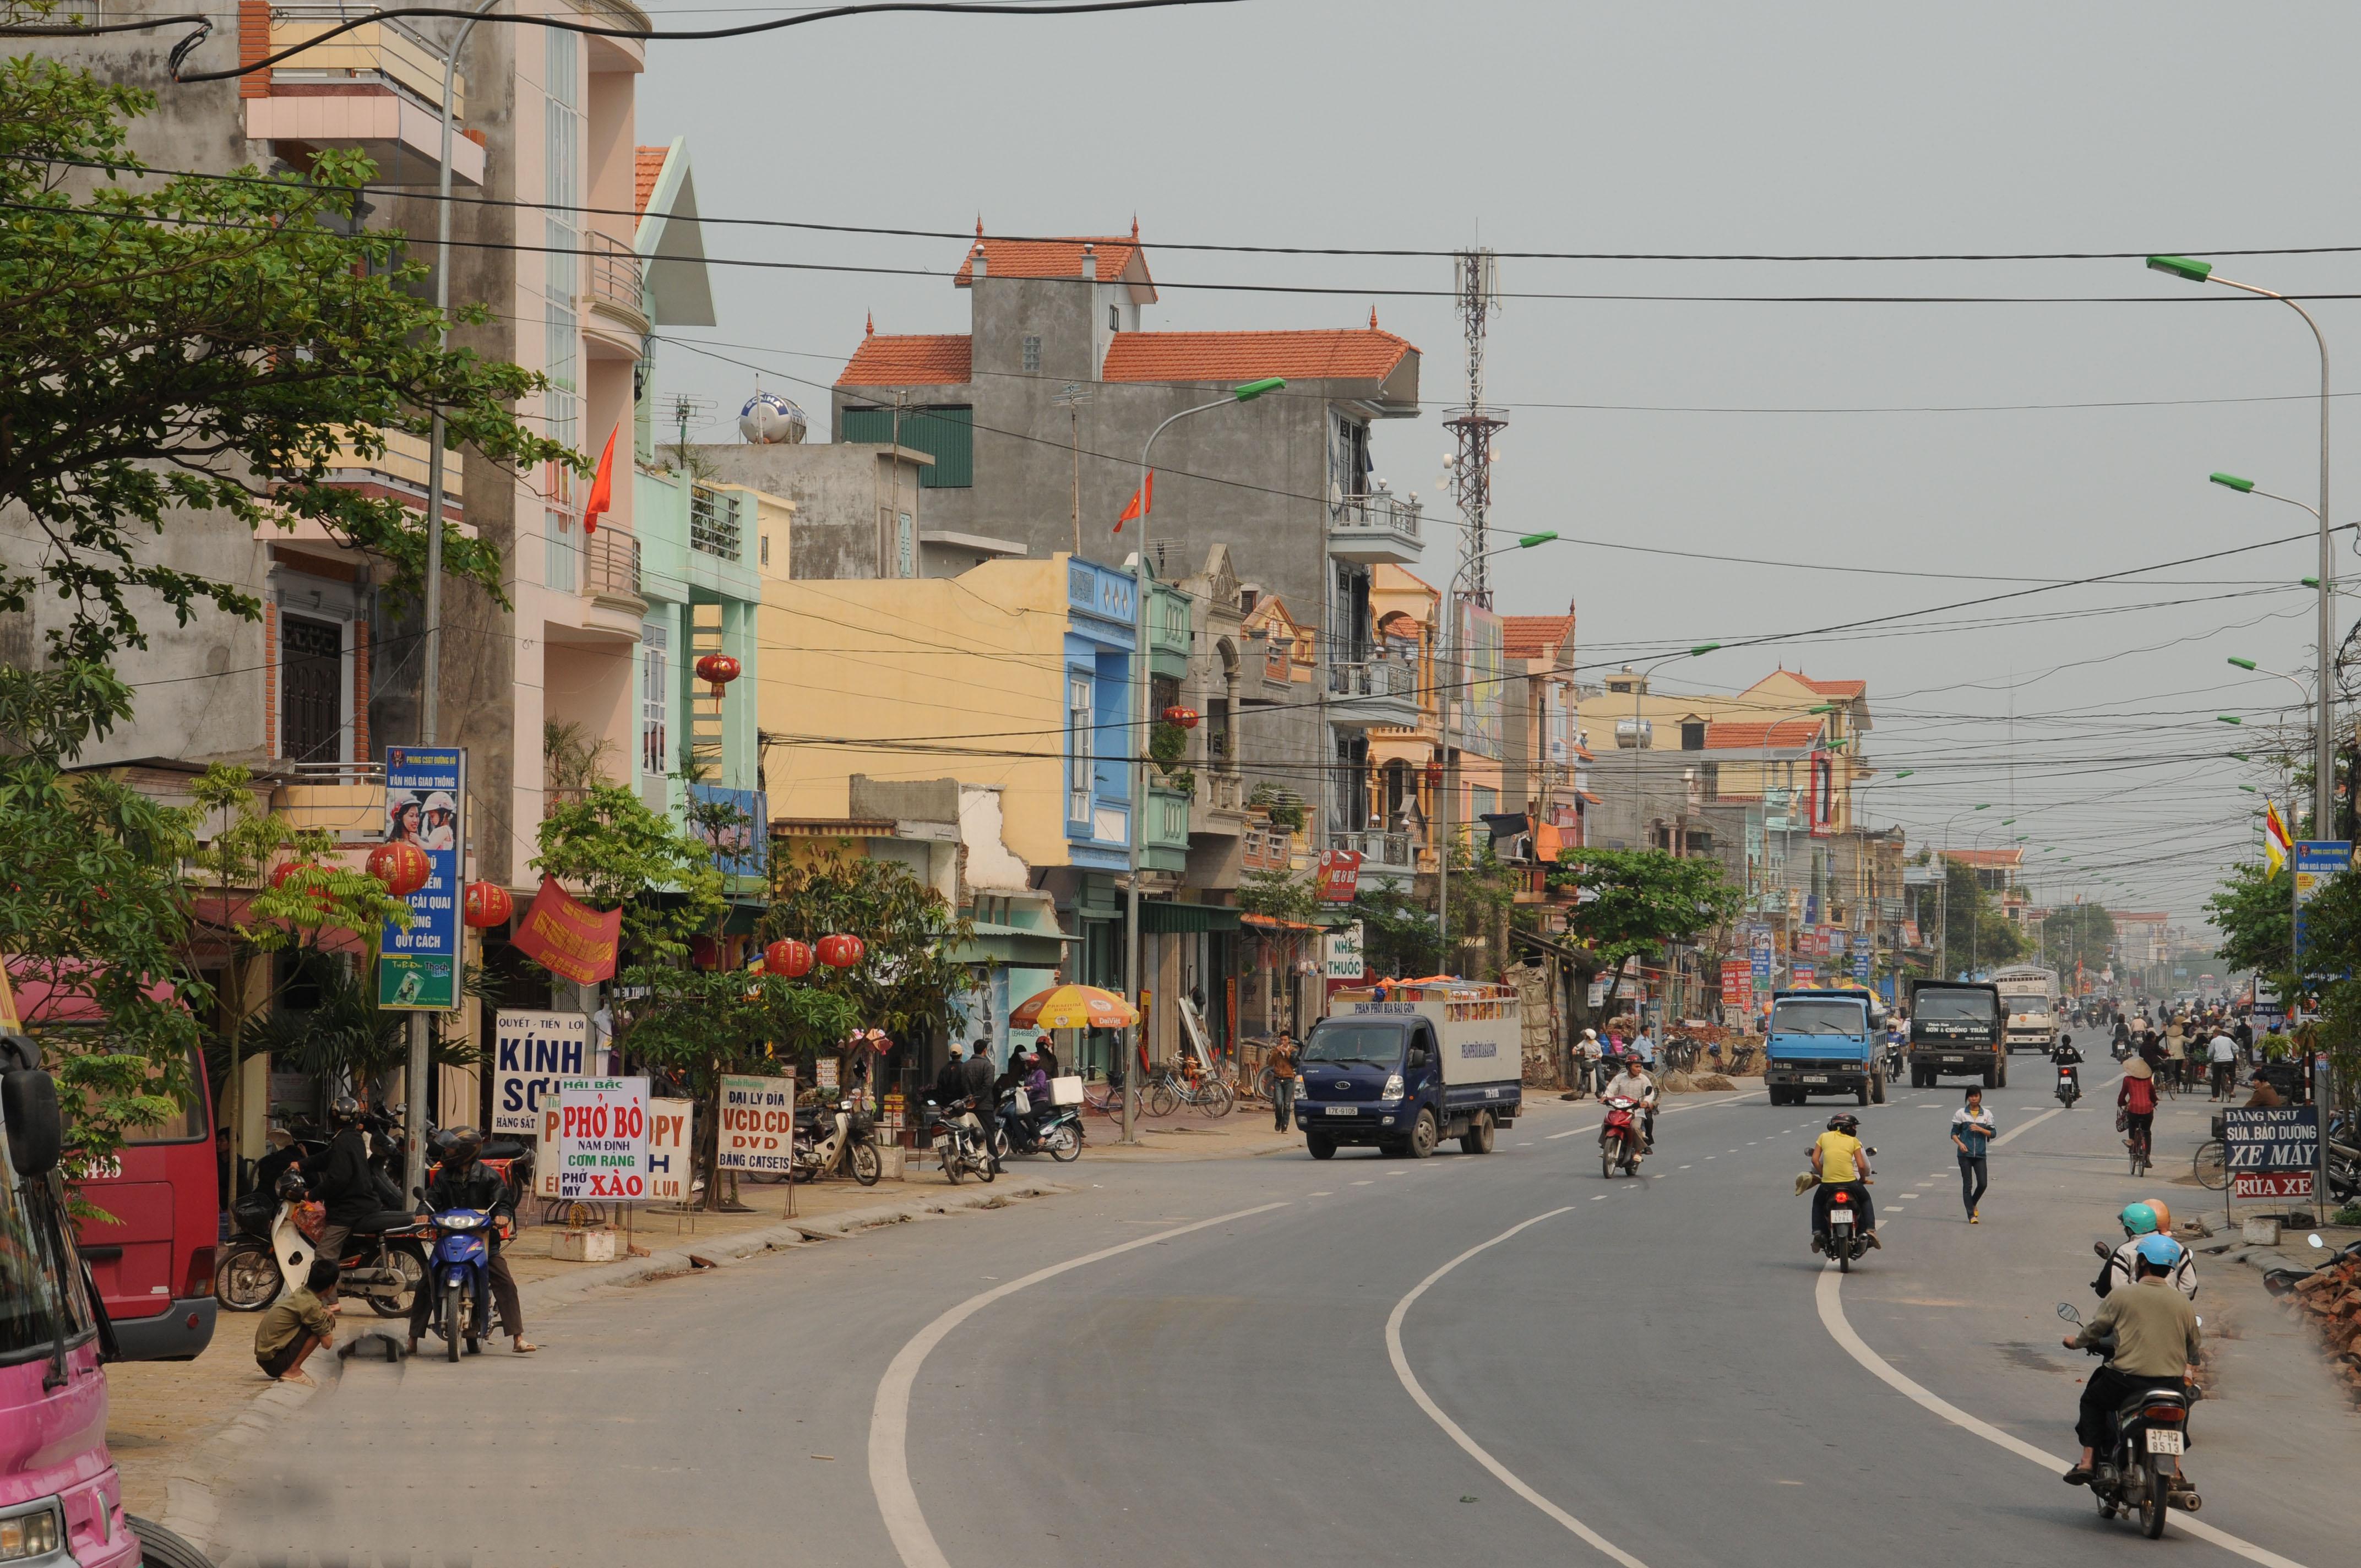 Bán nhớt Repsol giá rẻ tại Thái Bình